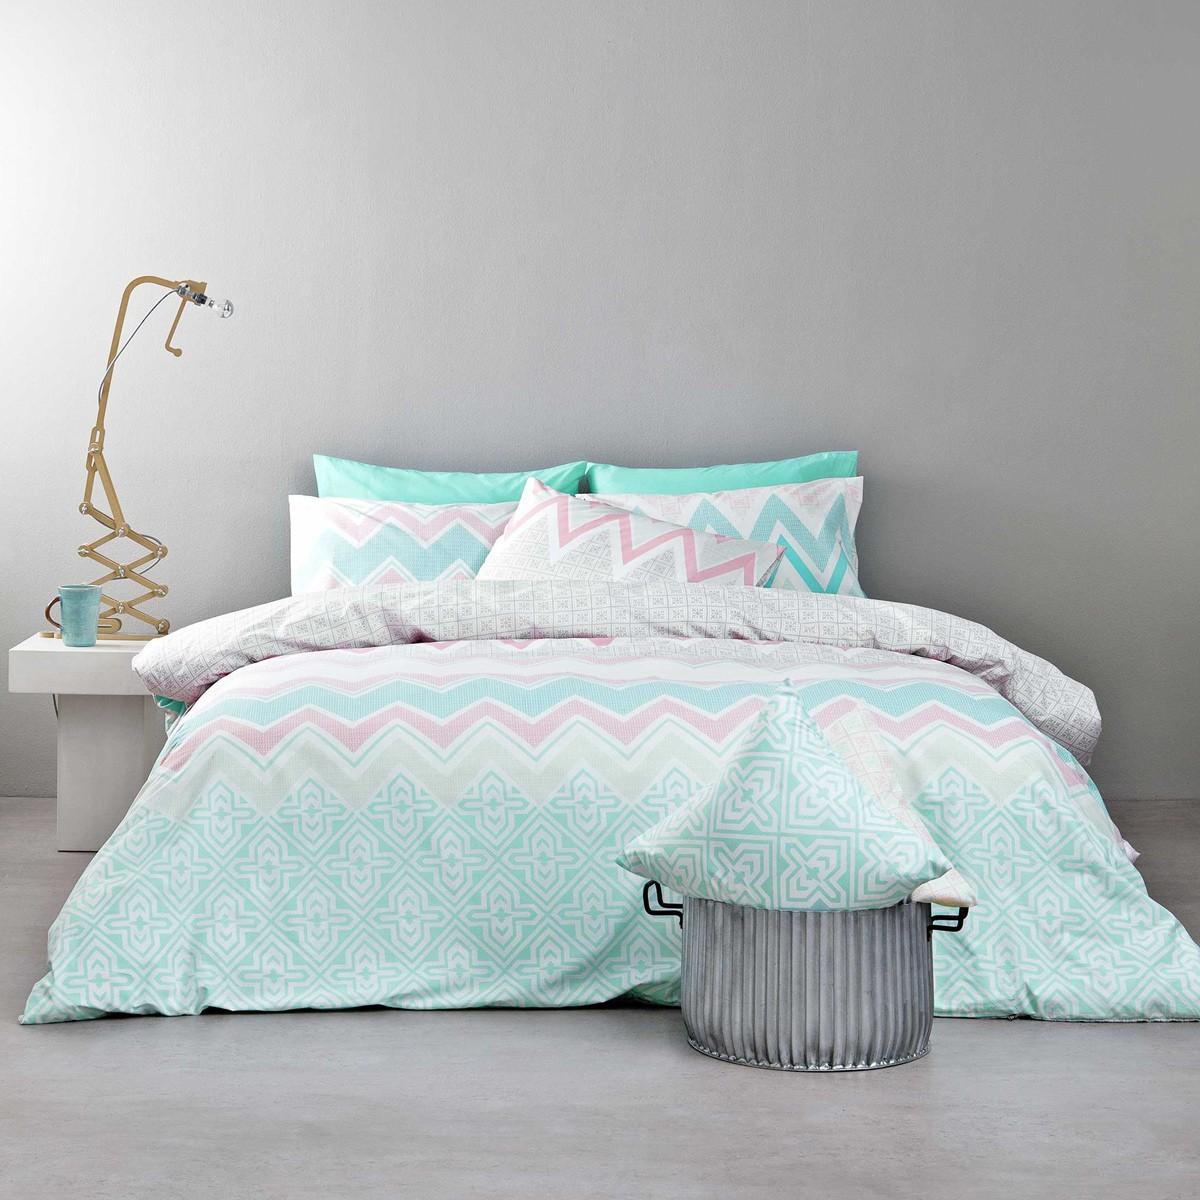 Σεντόνια Υπέρδιπλα (Σετ) Nima Bed Linen Pozitano Pink ΧΩΡΙΣ ΛΑΣΤΙΧΟ ΧΩΡΙΣ ΛΑΣΤΙΧΟ